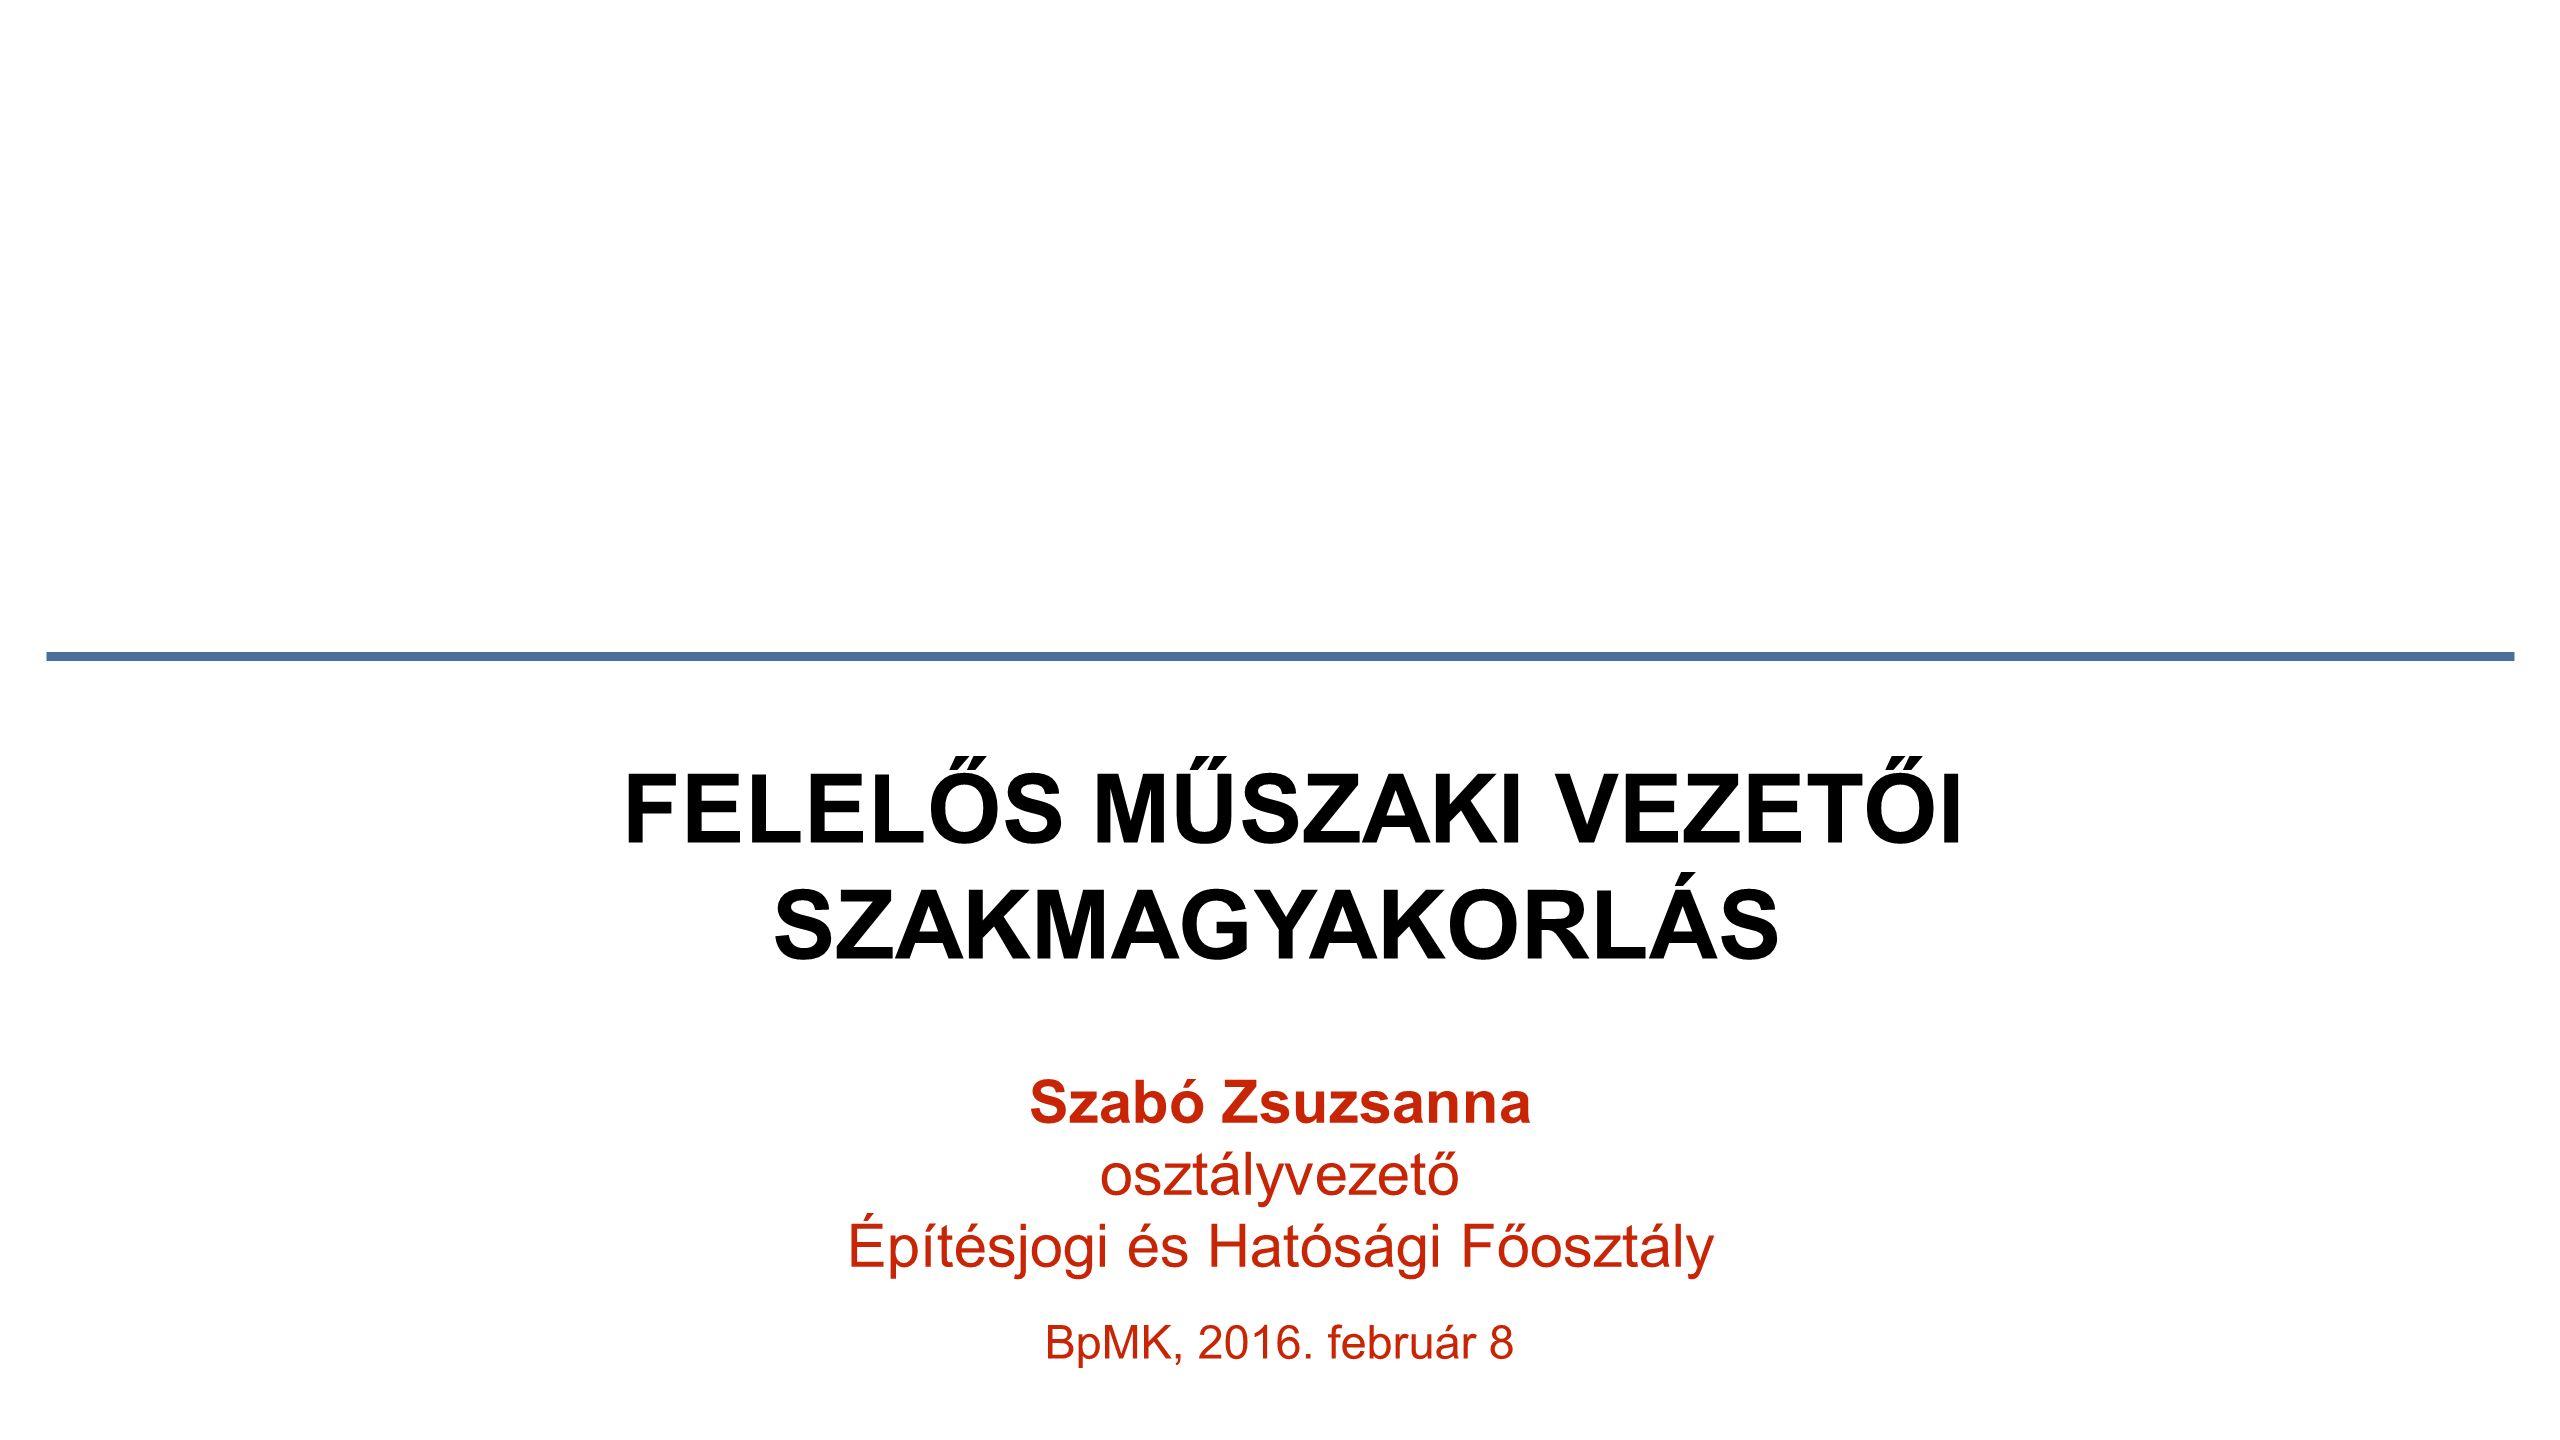 FELELŐS MŰSZAKI VEZETŐI SZAKMAGYAKORLÁS BpMK, 2016.